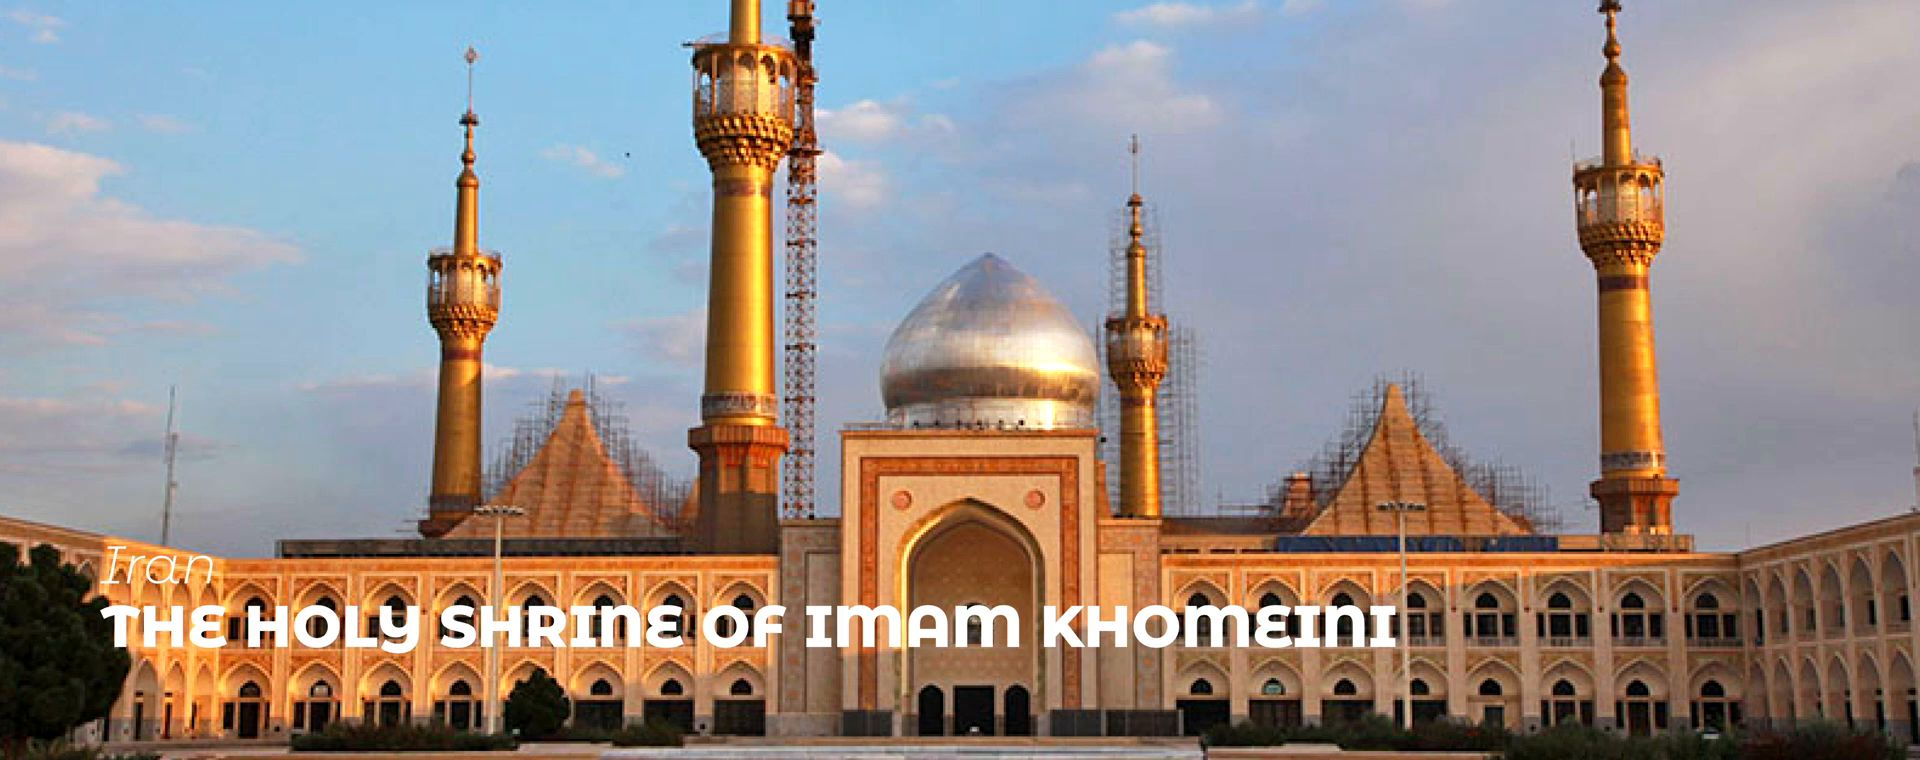 THE HOLY SHRINE OF IMAM KHOMEINI